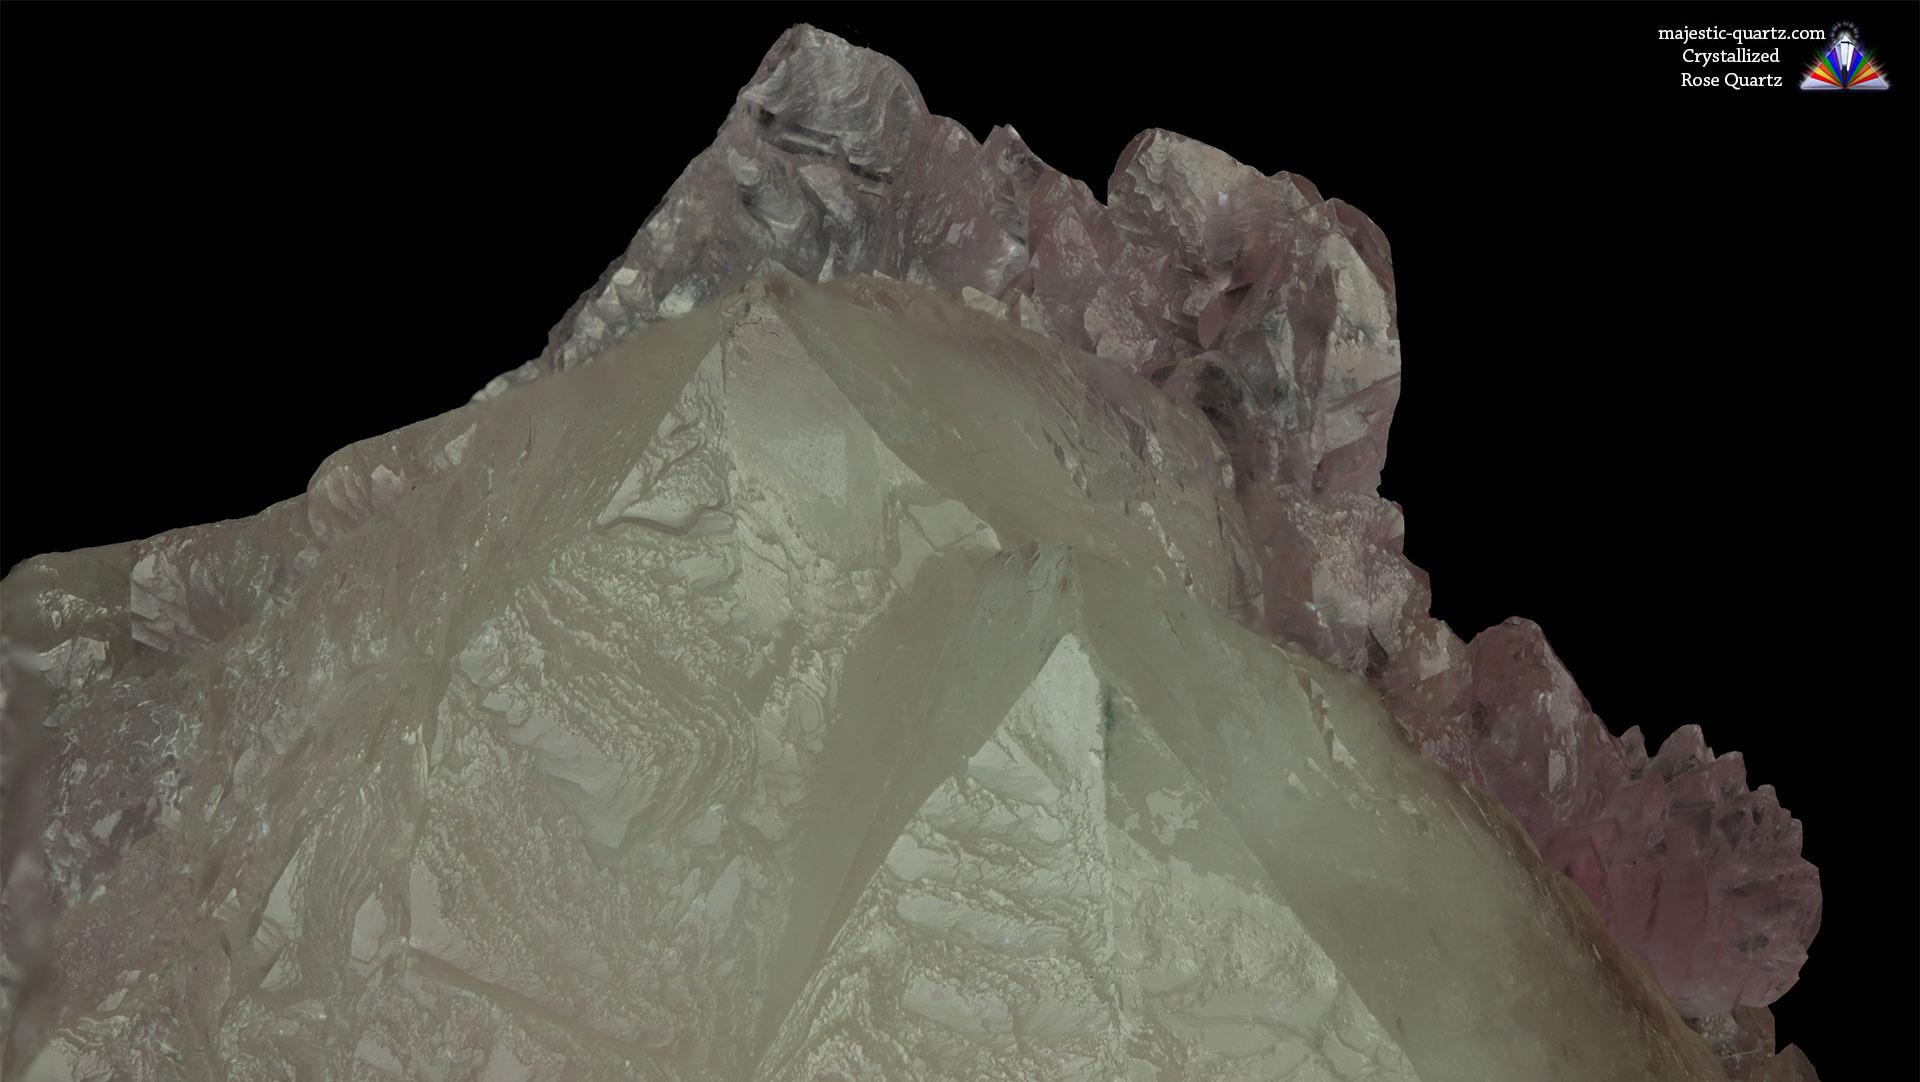 Crystallized Rose Quartz Crystal Specimen - Photograph by Anthony Bradford